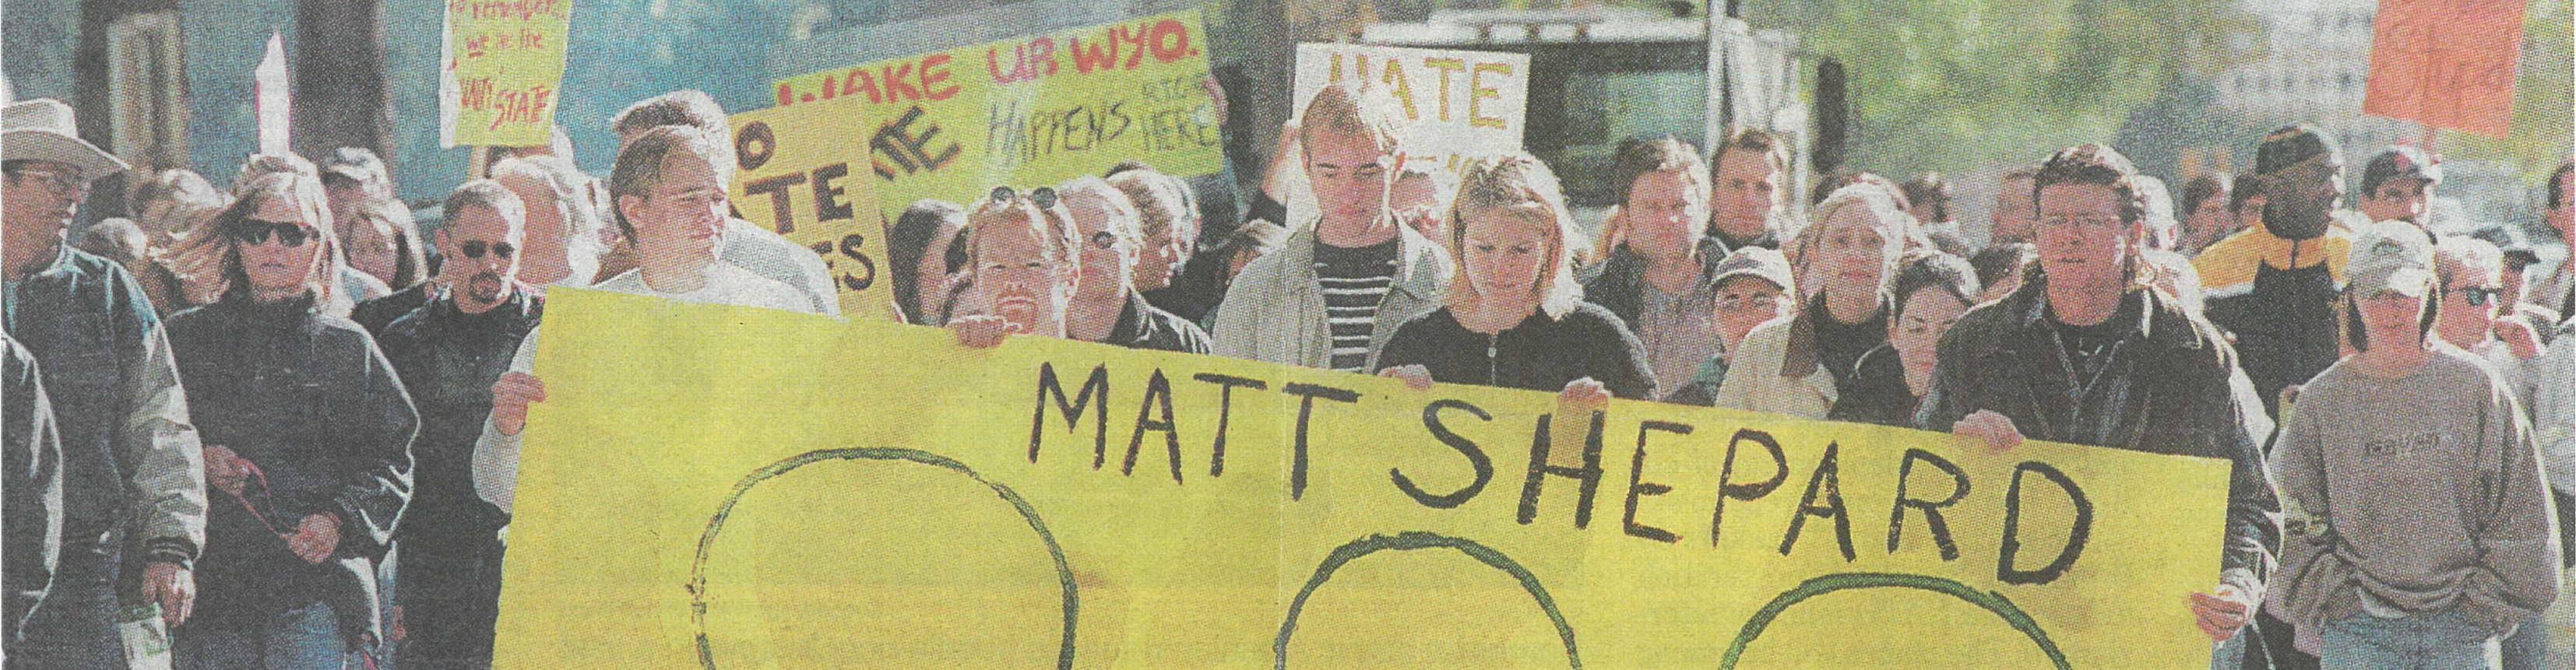 virmuze exhibit In Memorial: Matthew Shepard logo main banner